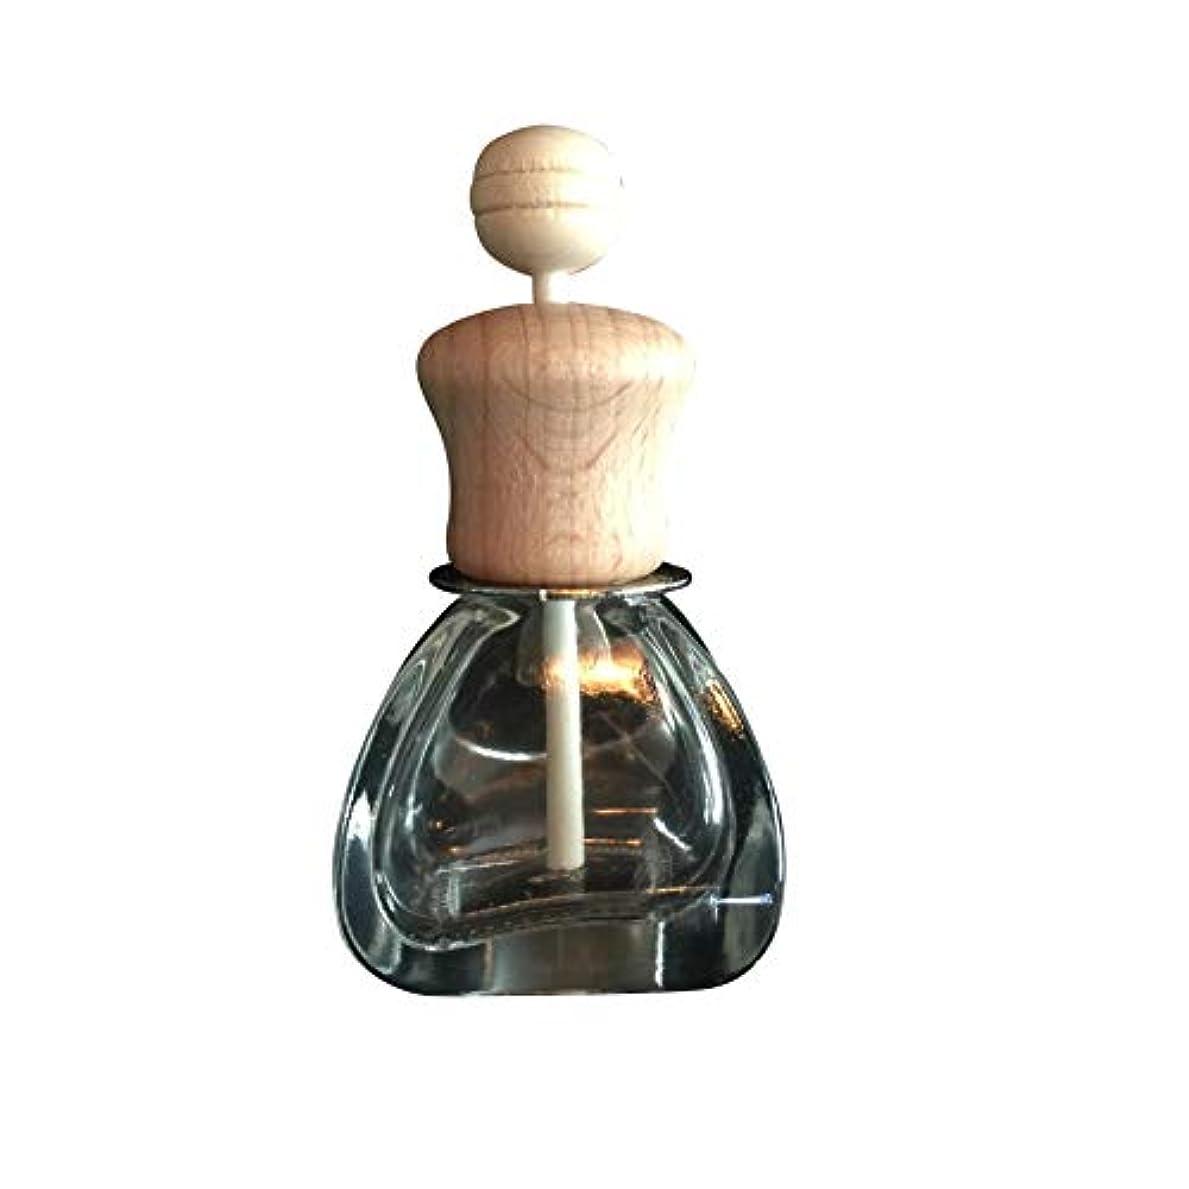 炎上りんごスクリューKISSION カーベント香水瓶 詰め替え可能 車のペンダント 芳香剤 香水ディフューザー 香水瓶 掛けて 空気清涼剤 ディフューザー フレグランスボトル